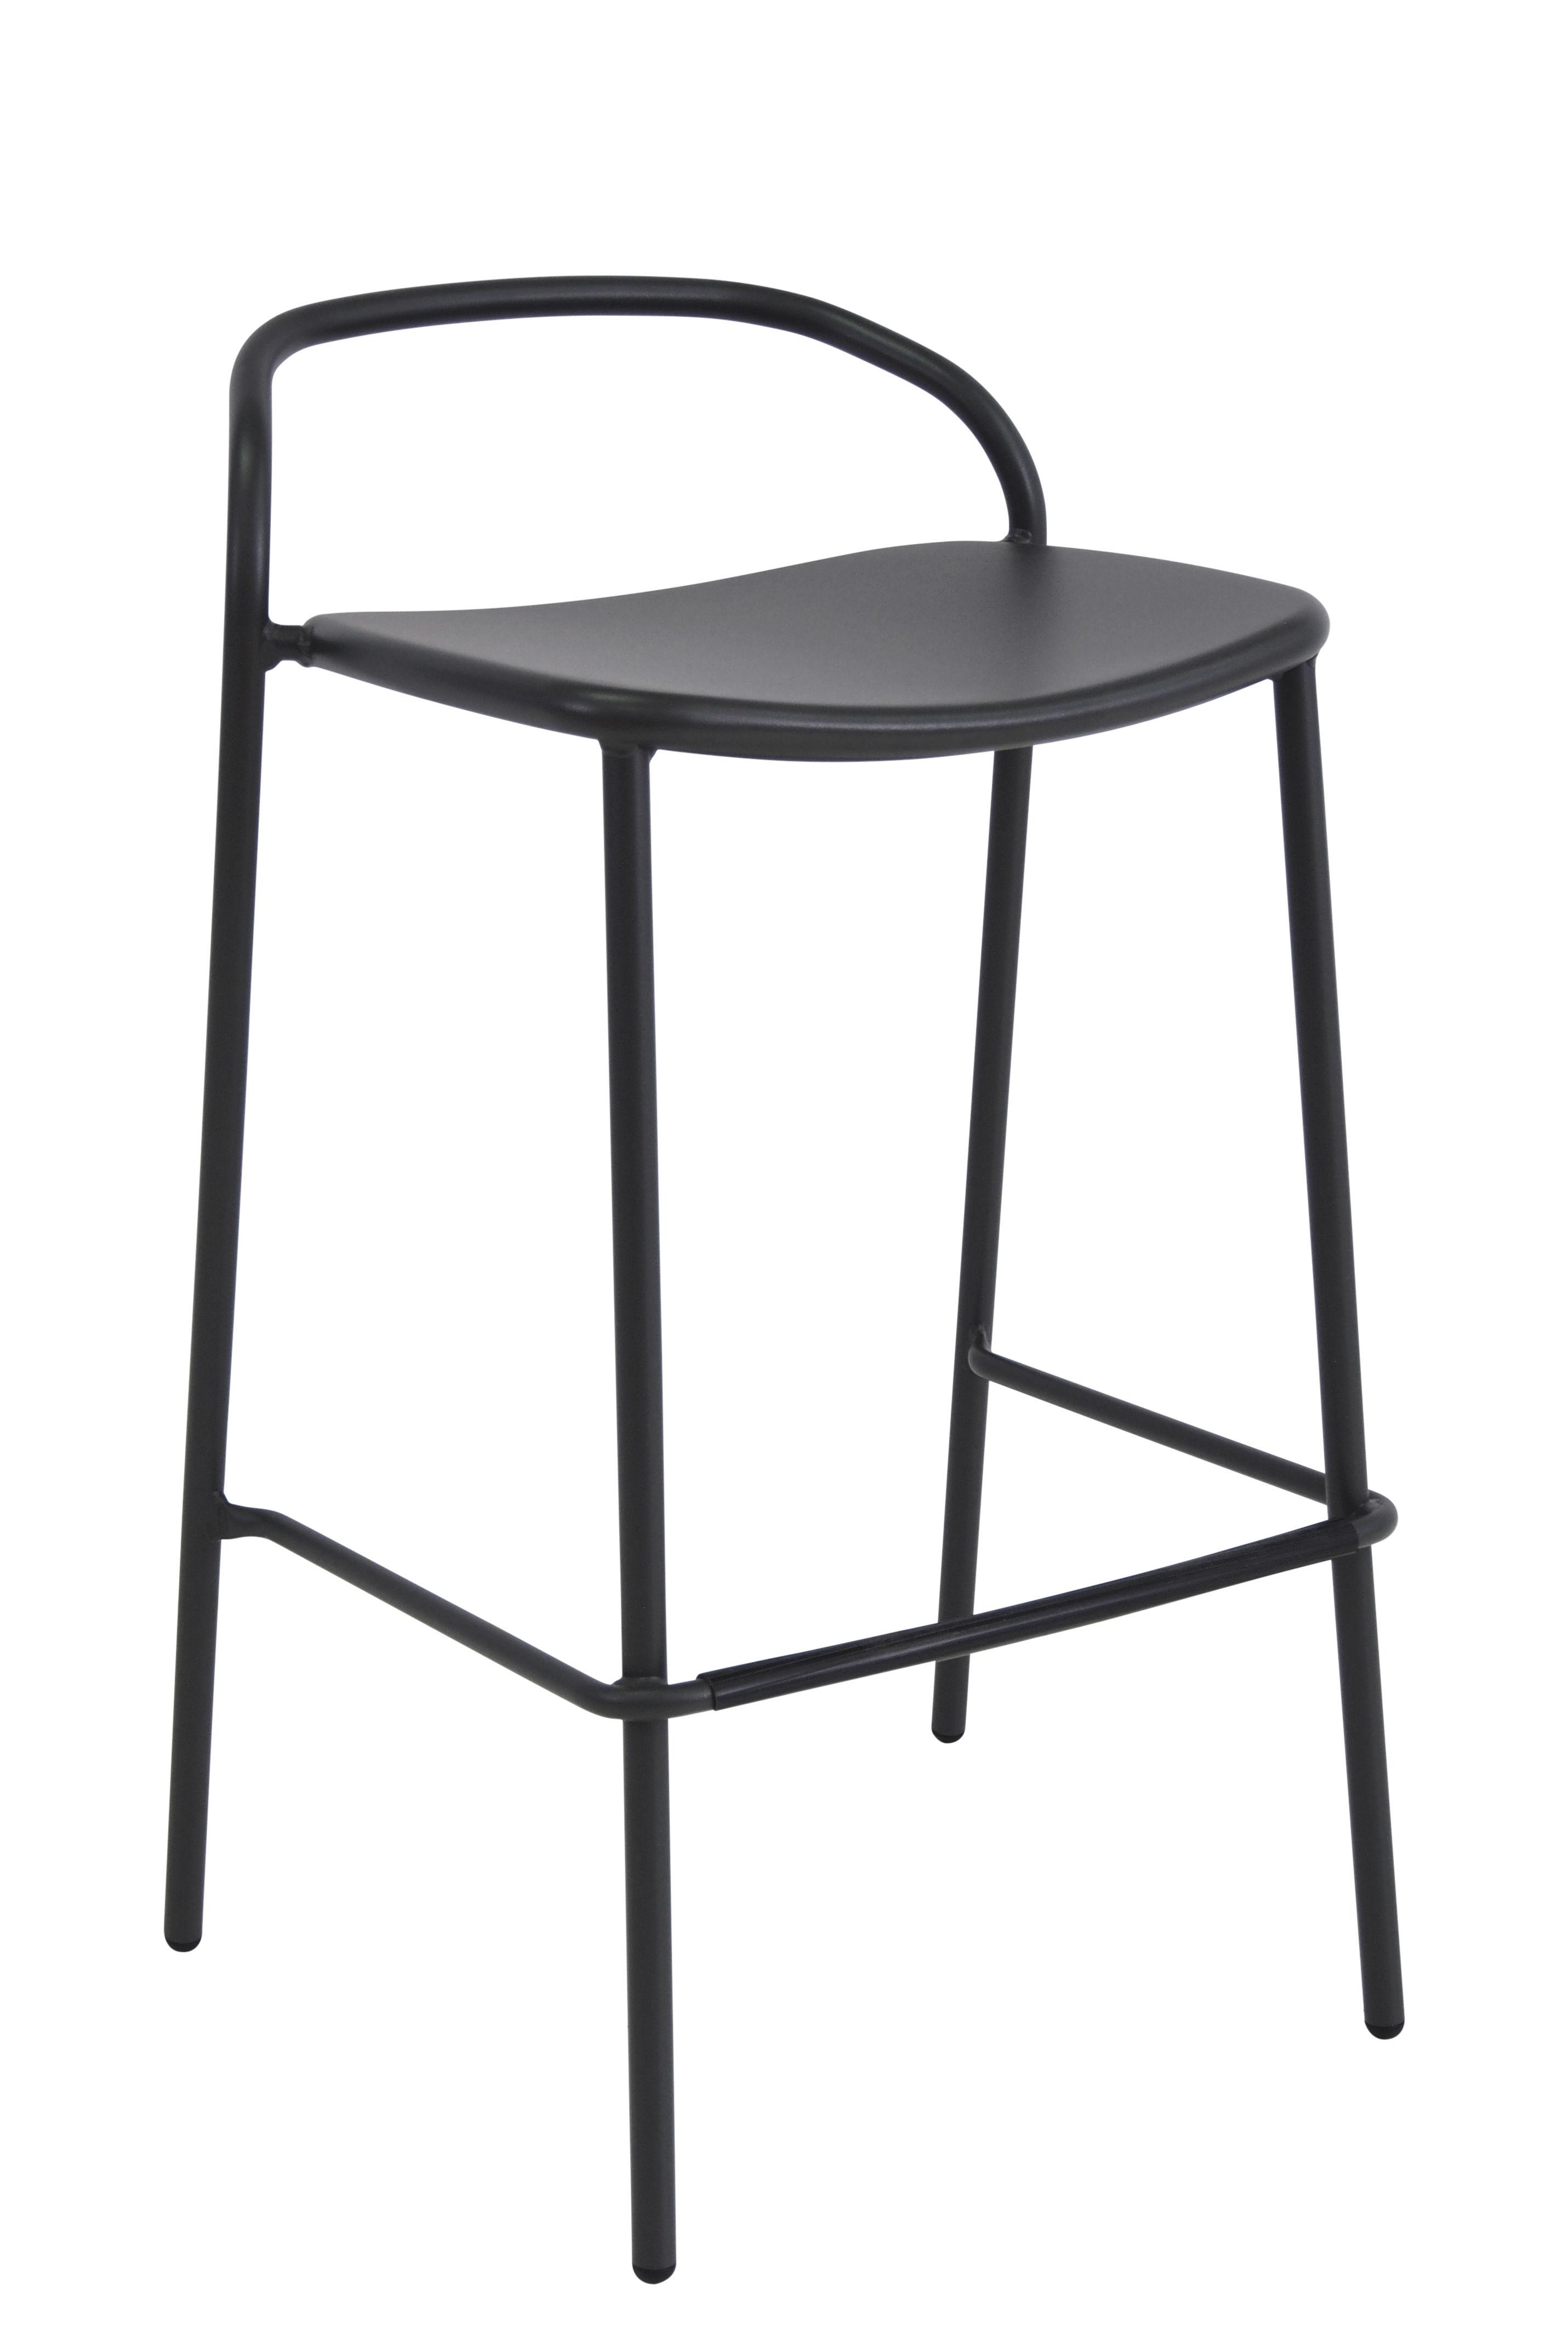 Möbel - Barhocker - Zahir Hochstuhl / H 75 cm - Metall - Emu - Eisen (dunkel) - gefirnister Stahl